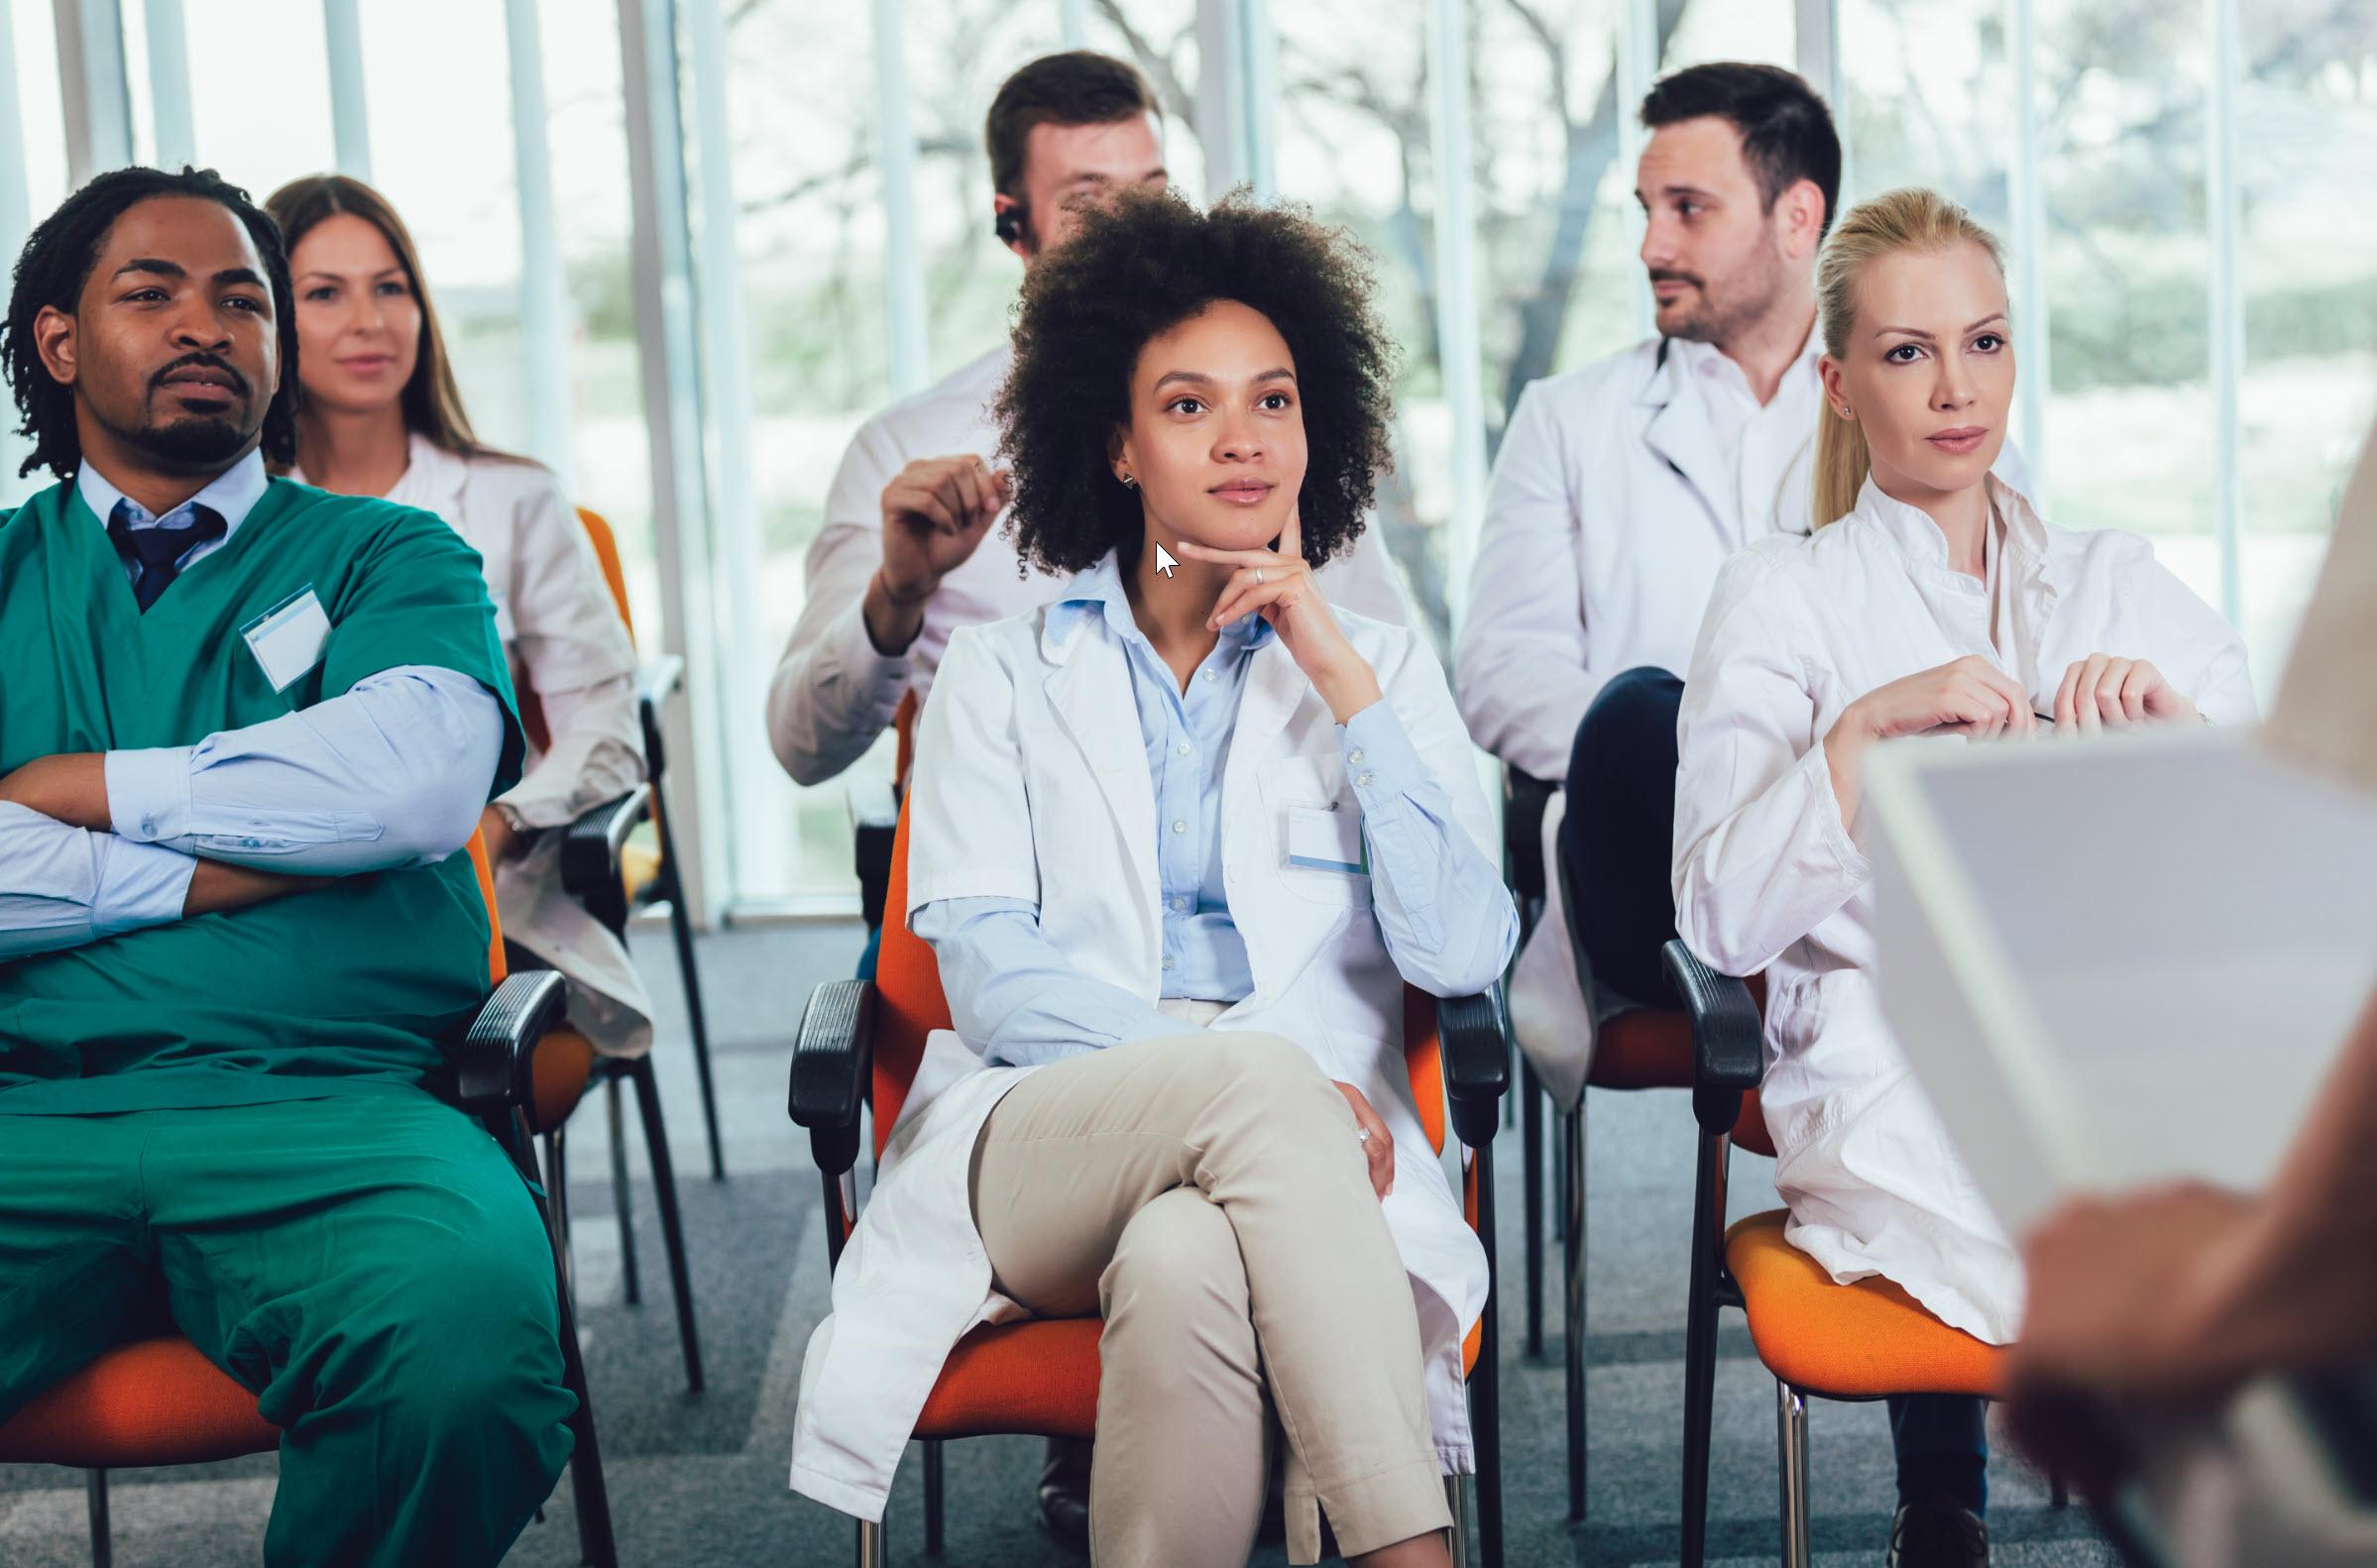 European Academy of Clinical Leadership